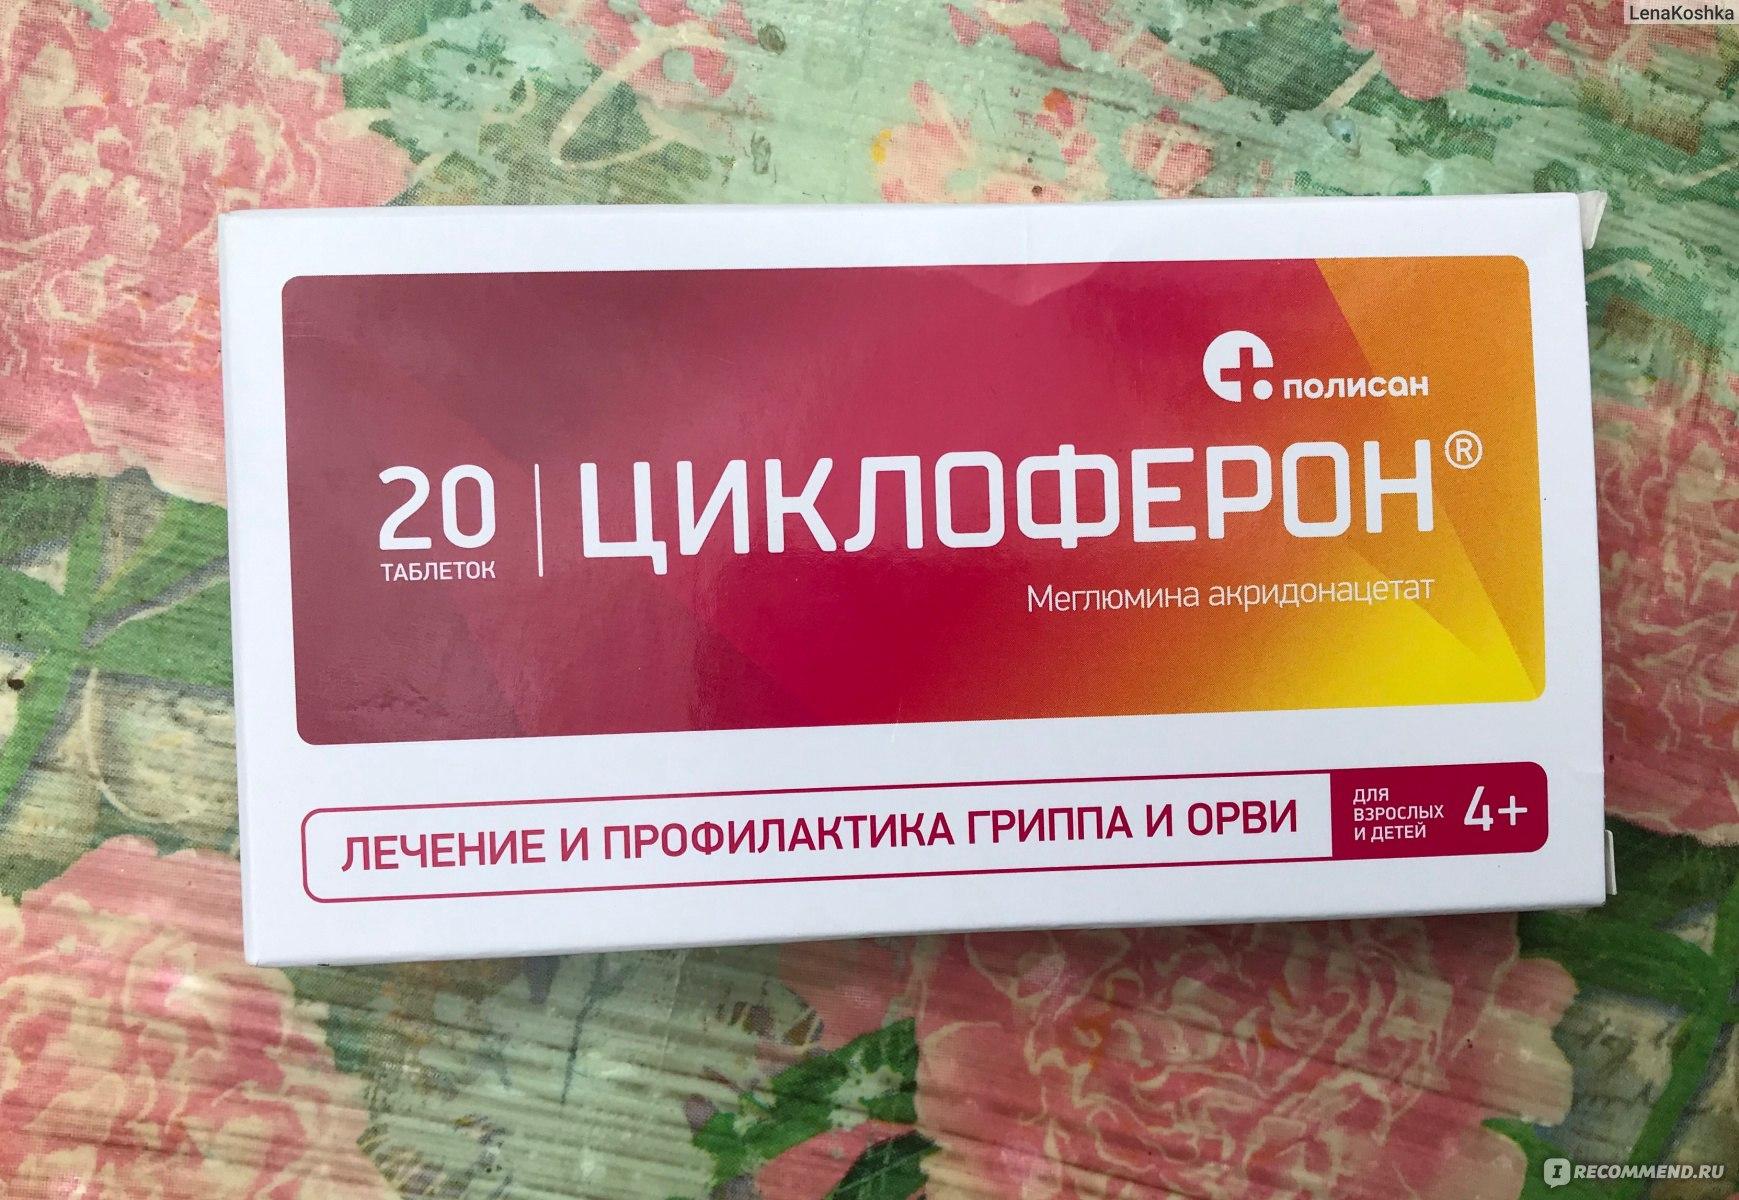 Циклоферон для лечения простатита медикаментозное лечение хронического простатита у мужчин лекарства